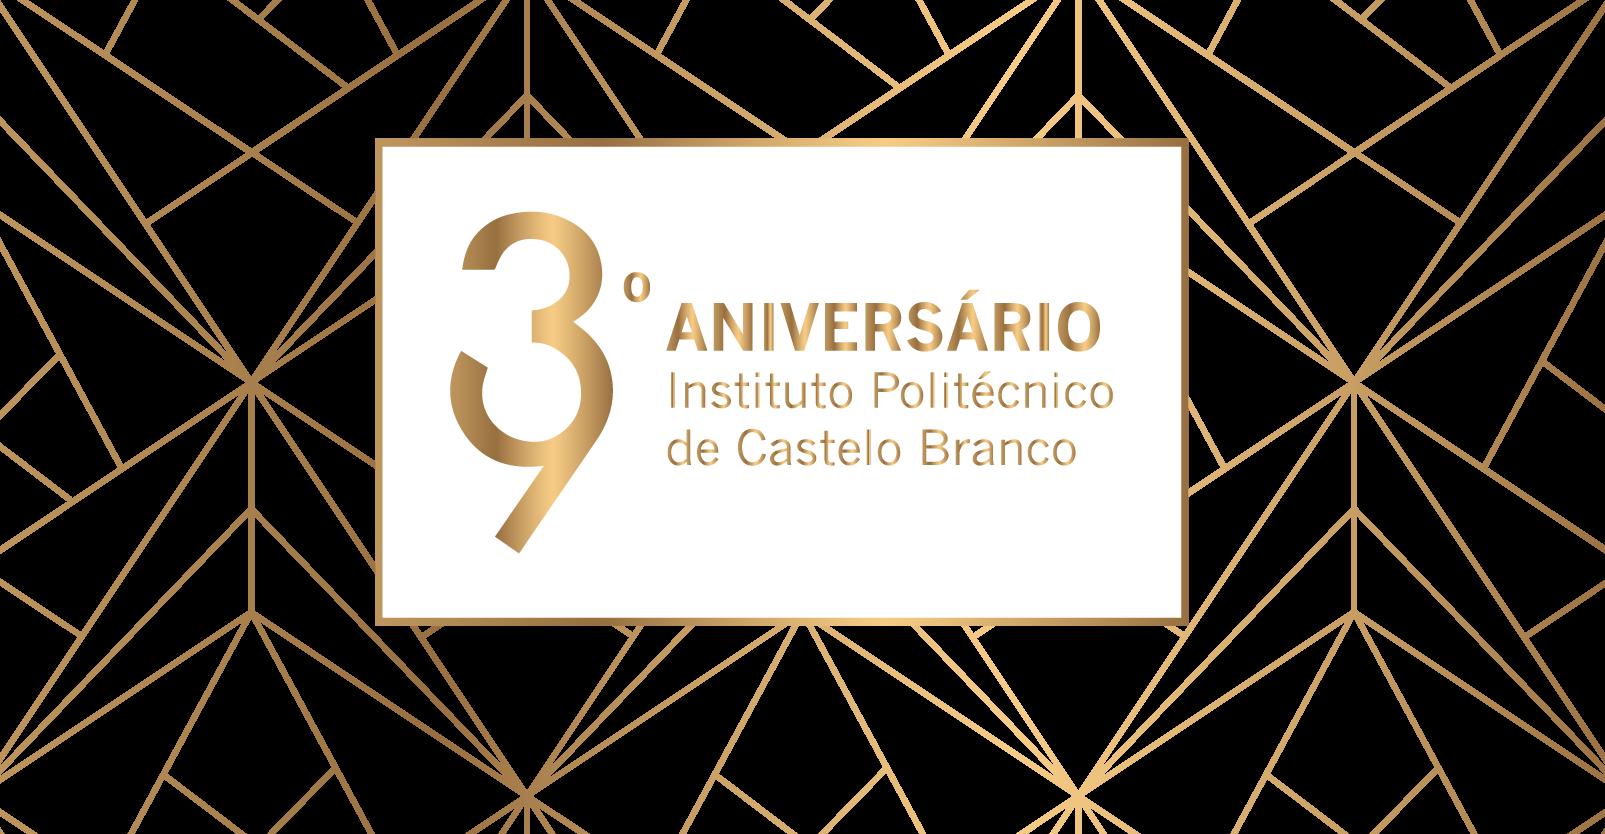 39.º aniversário do Politécnico de Castelo Branco